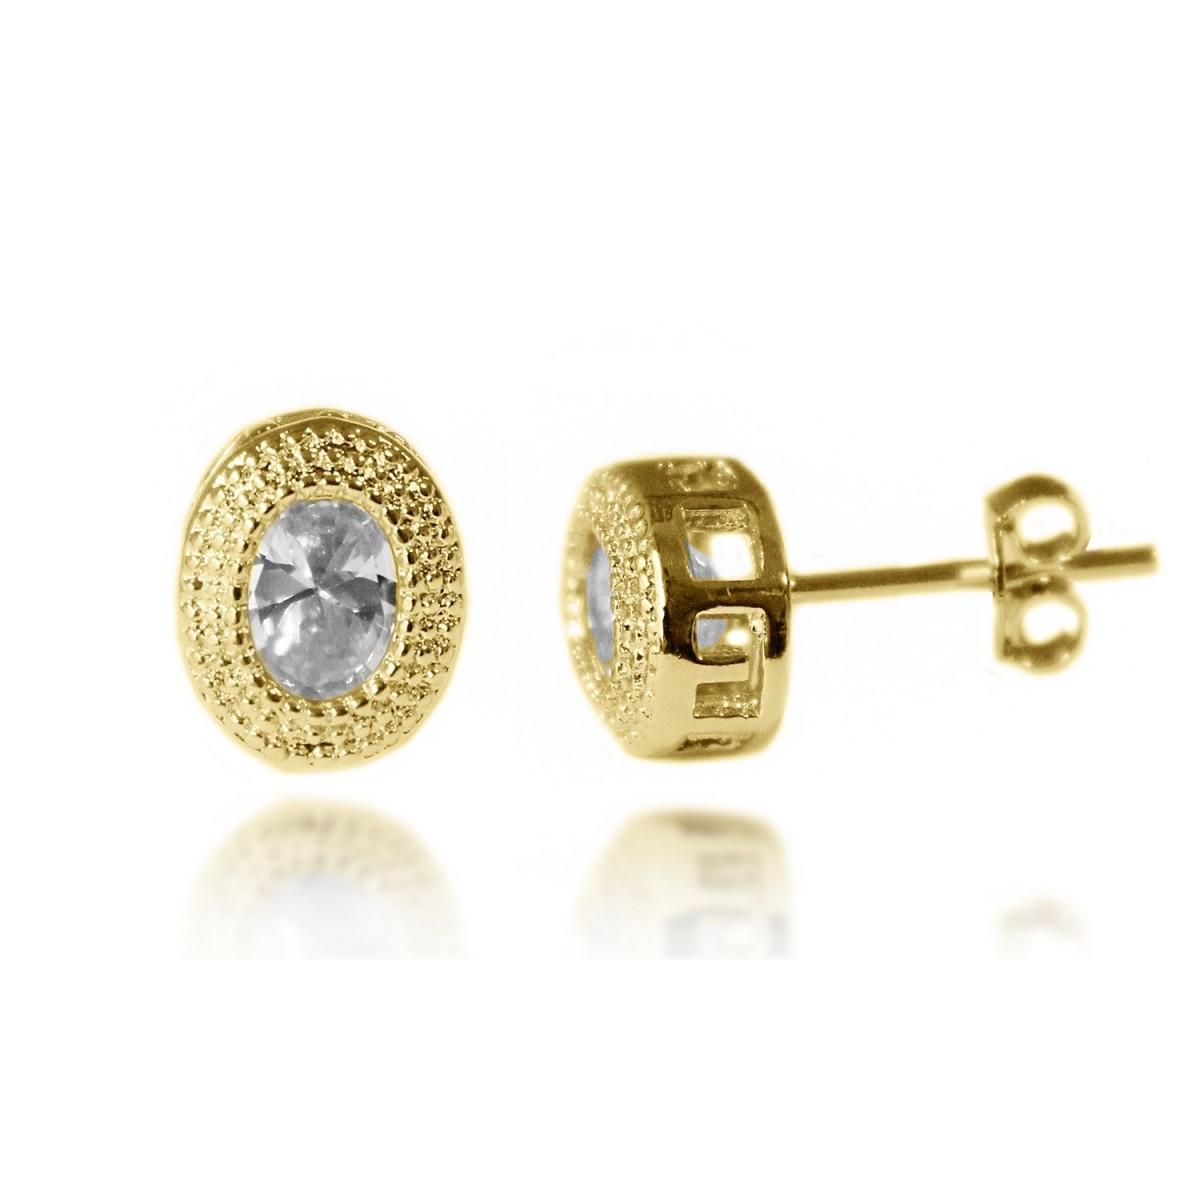 Brinco Ponto de Luz Oval Diamantado com Zircônia Folheado a Ouro 18k